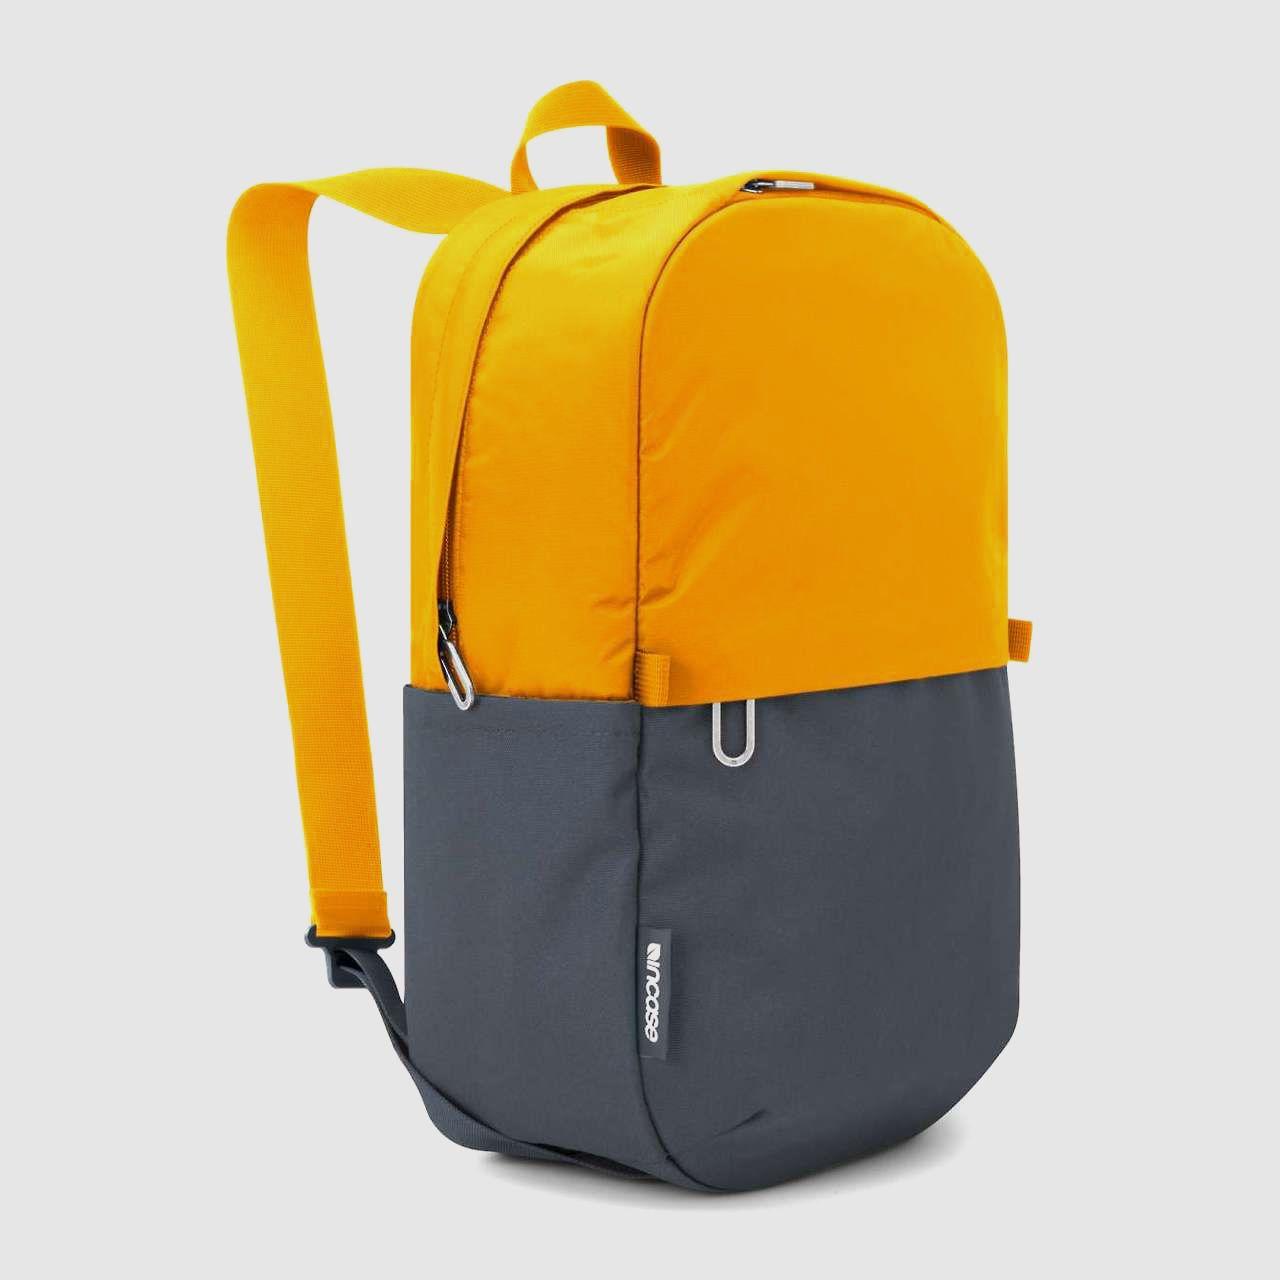 incase backpack (color materials)  industrial design  pinterest  - backpacks